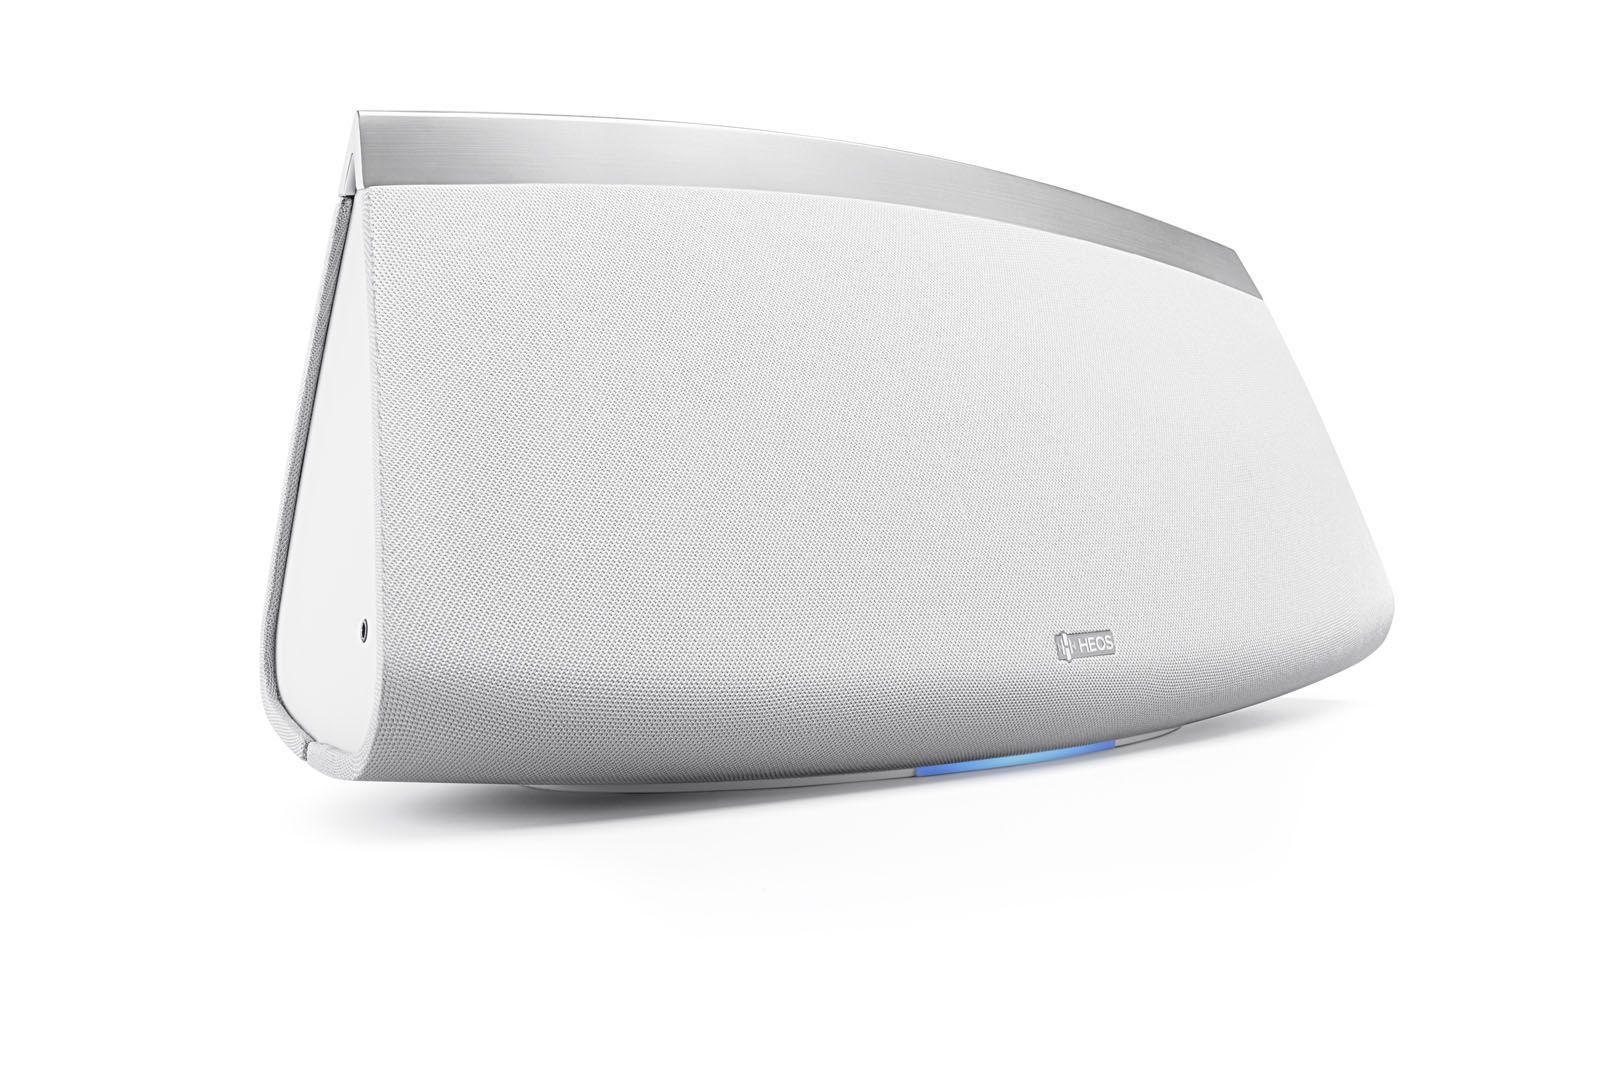 HEOS BY DENON .Denon HEOS 7 HS2 Netzwerklautsprecher Multiroom Weiß mit WLAN integ. Bluetooth